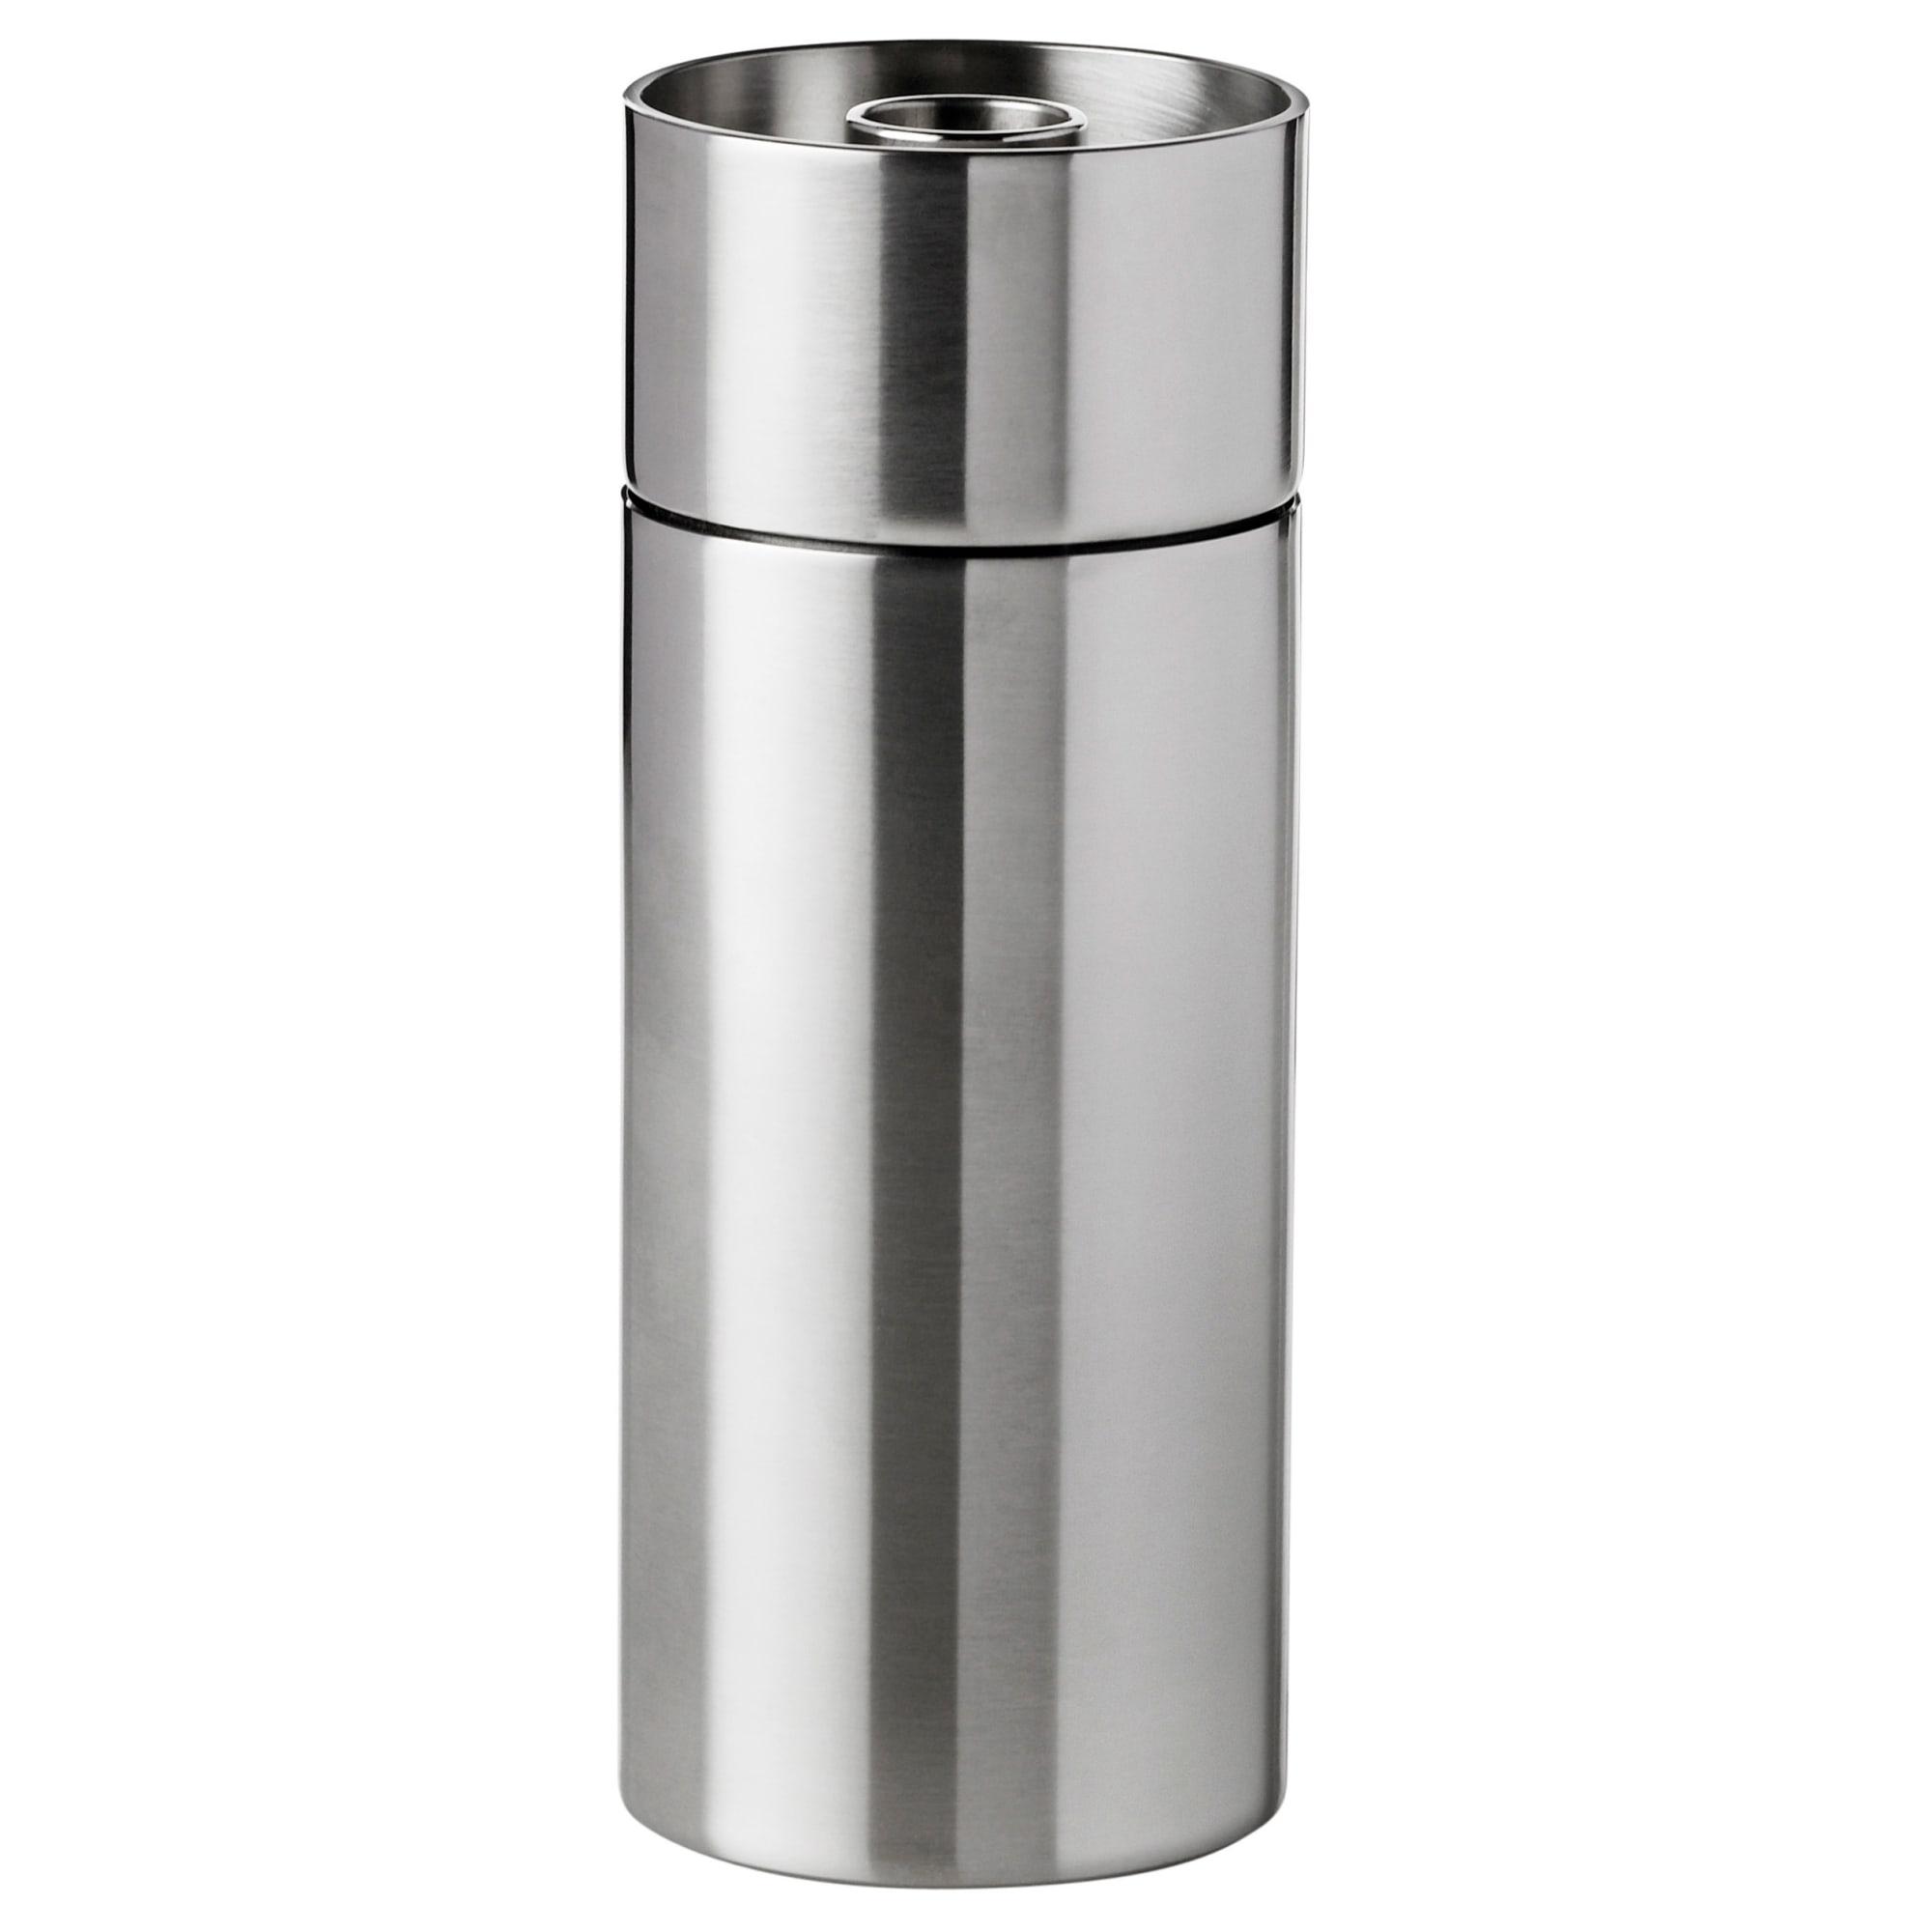 H 12,5 cm - Designet af Arne Jacobsen